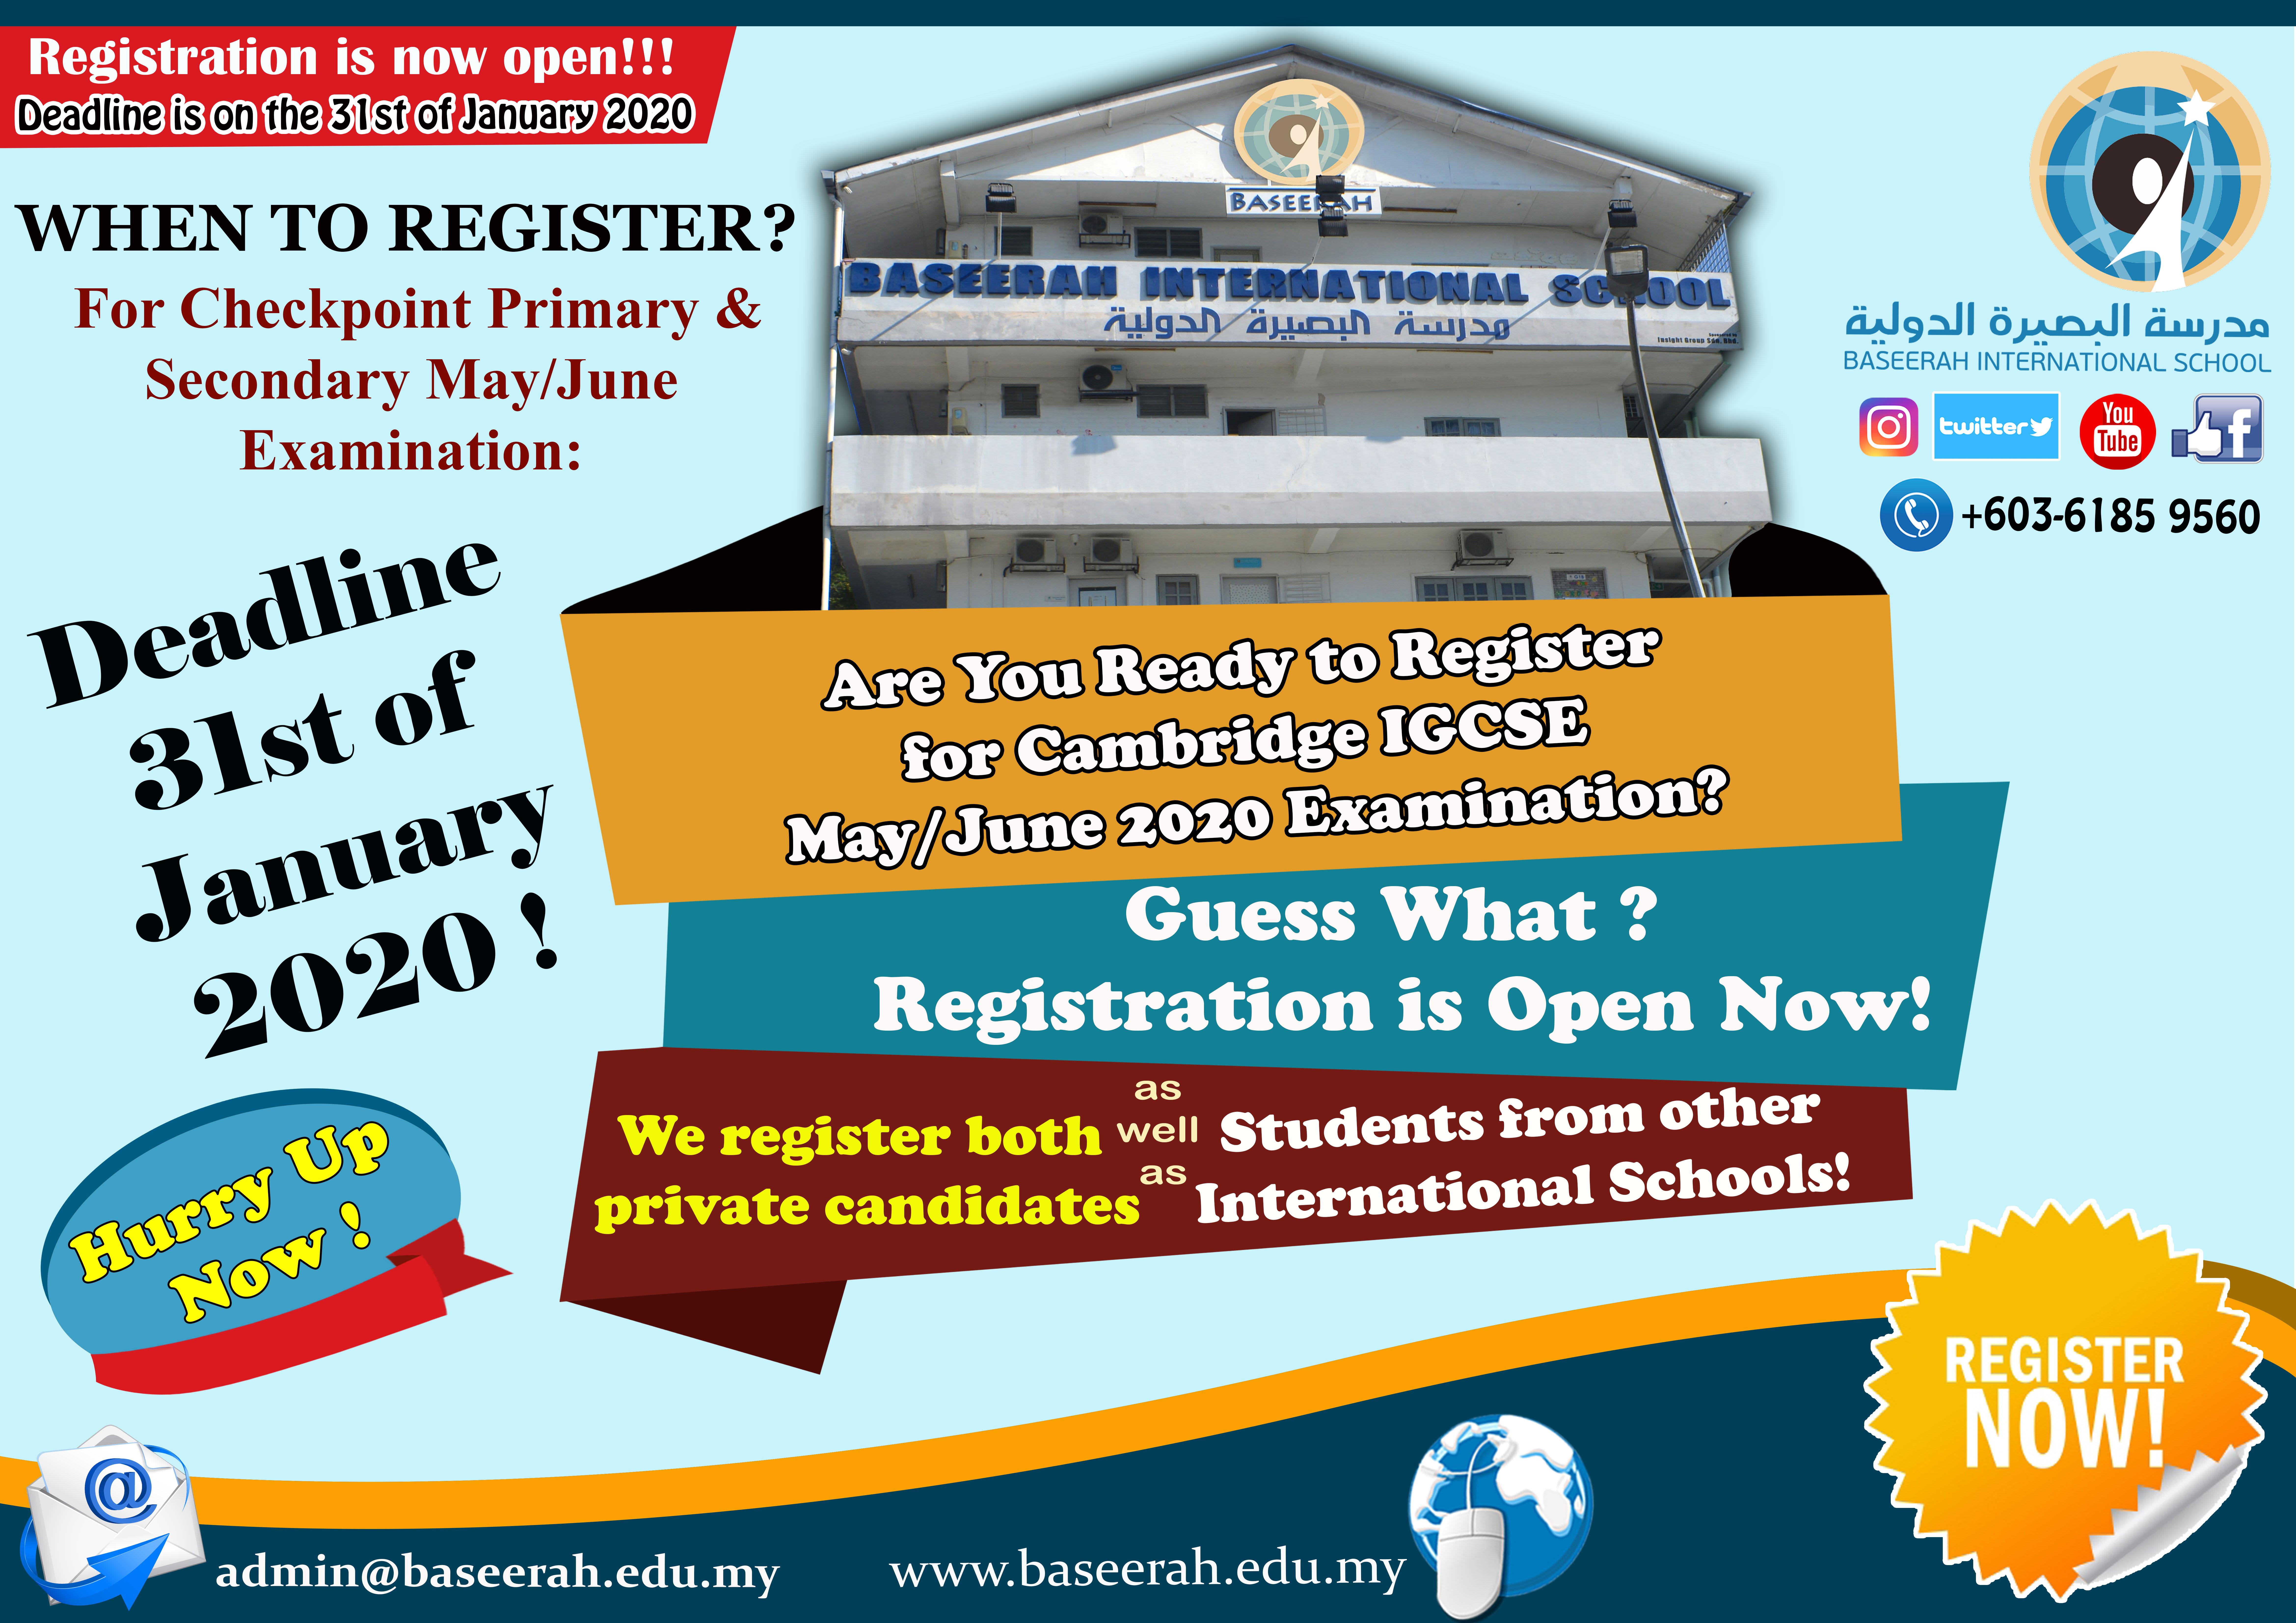 Registration is Now Open ! Deadline is in the 31st Jan 2020